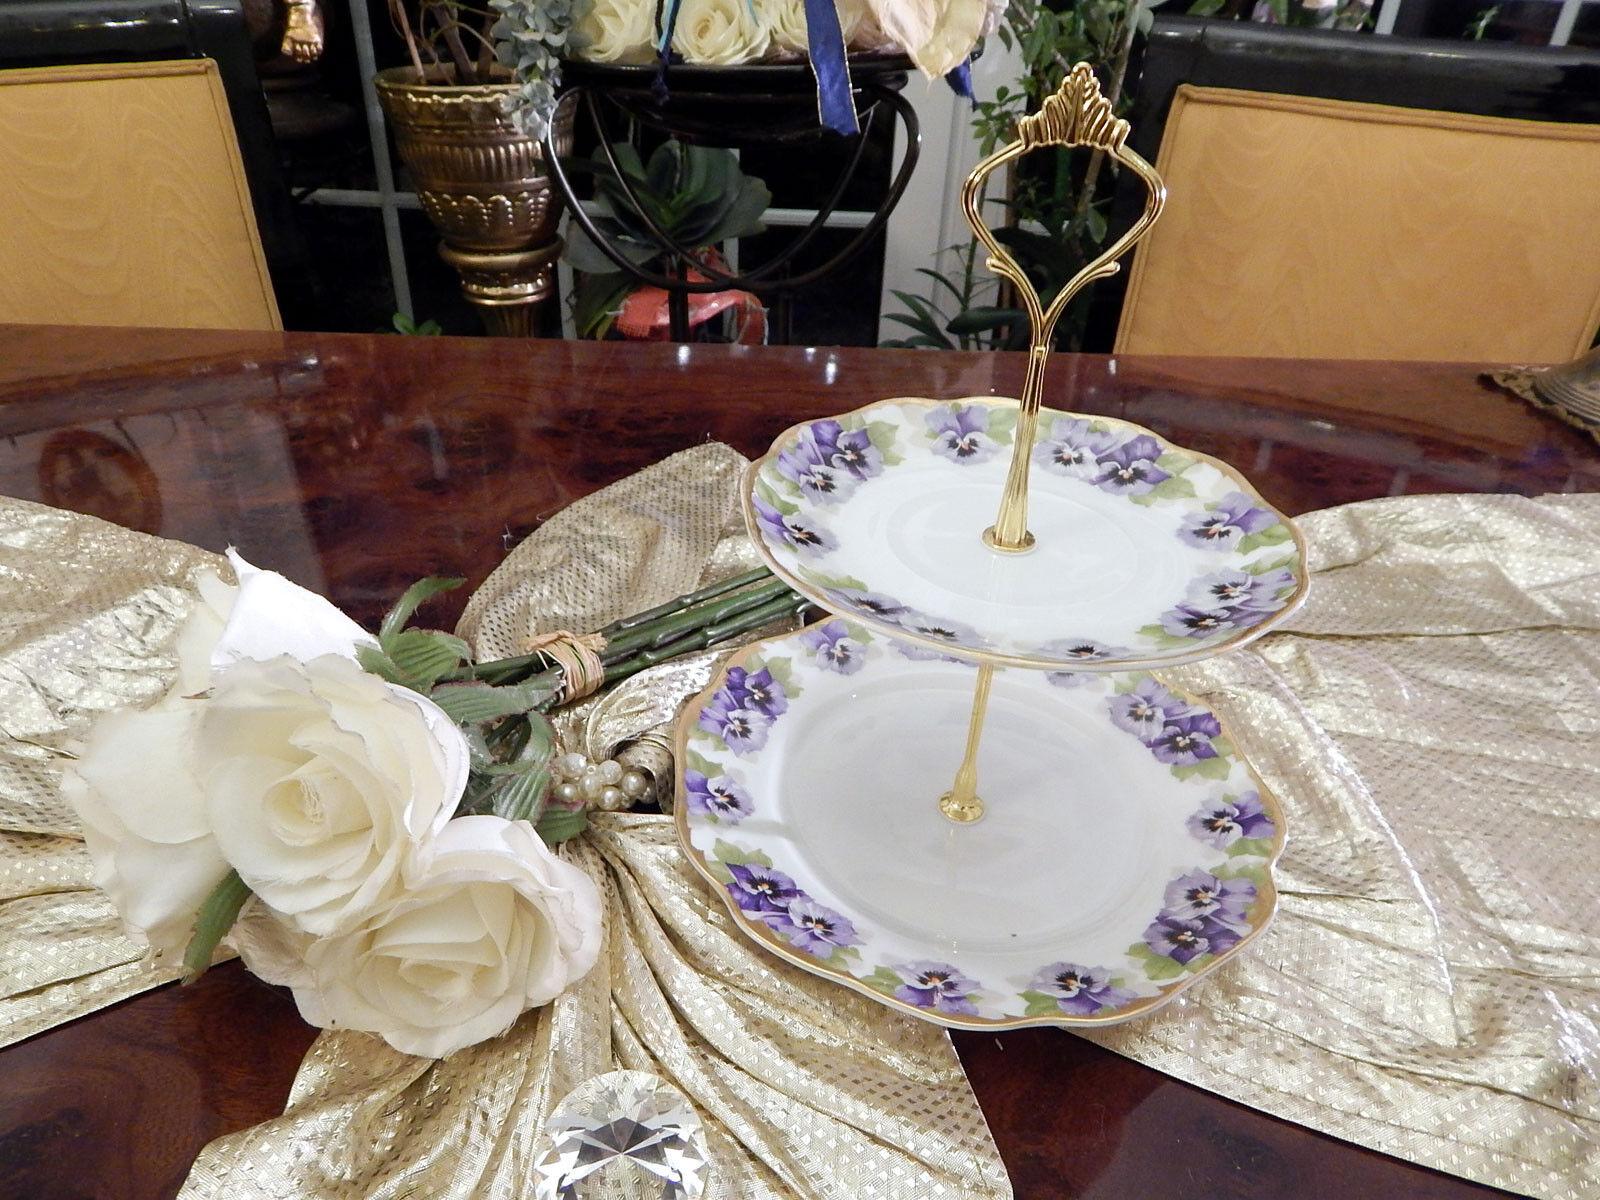 Magnifique etagere table dissertation 2 niveaux rosenthal viktoria Luise très rare